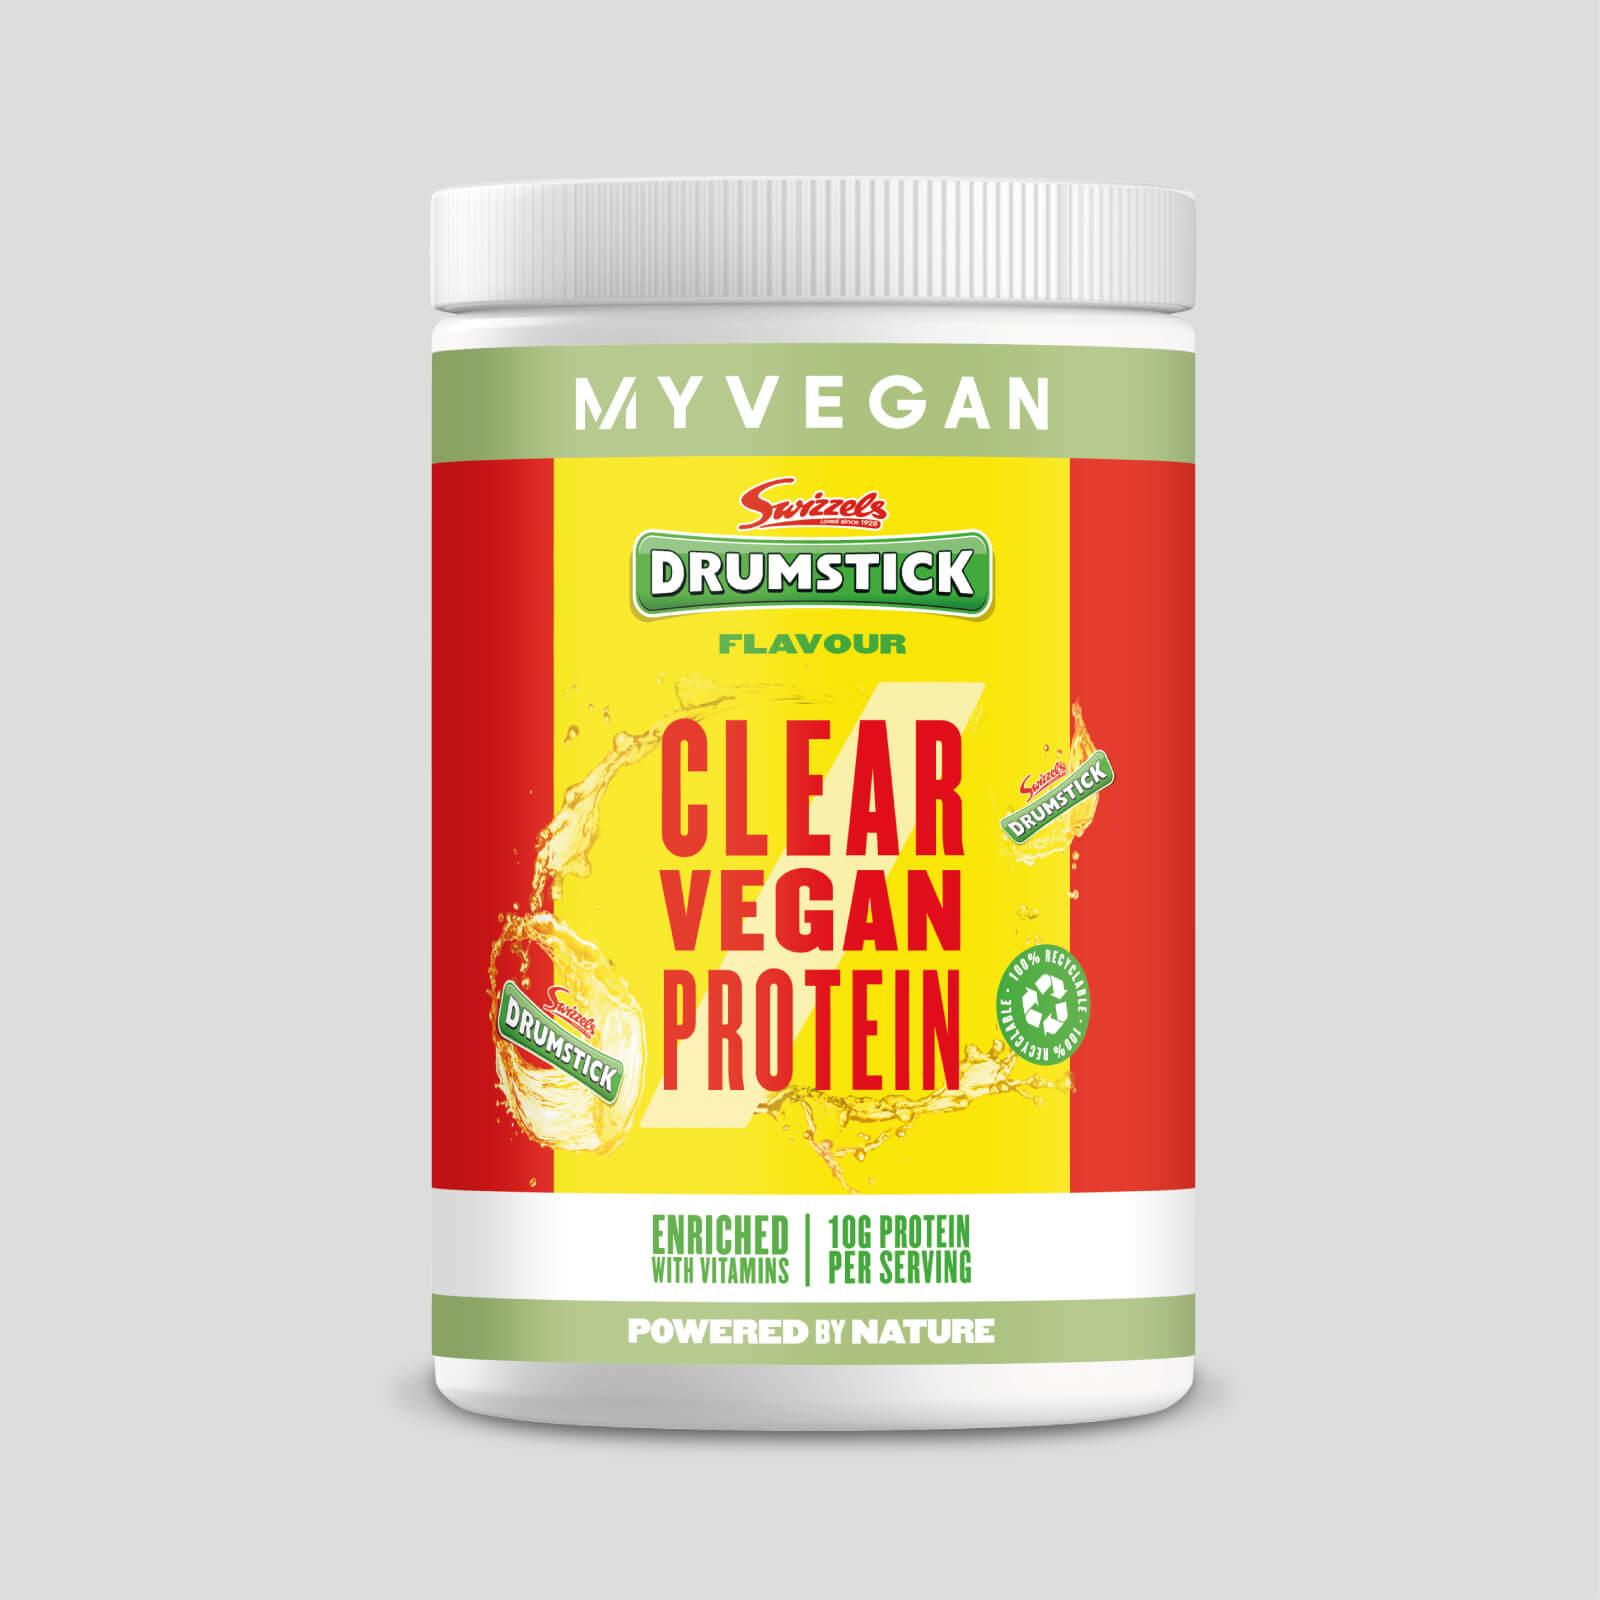 Myvegan Clear Vegan Protein - 10servings - Swizzels - Drumsticks